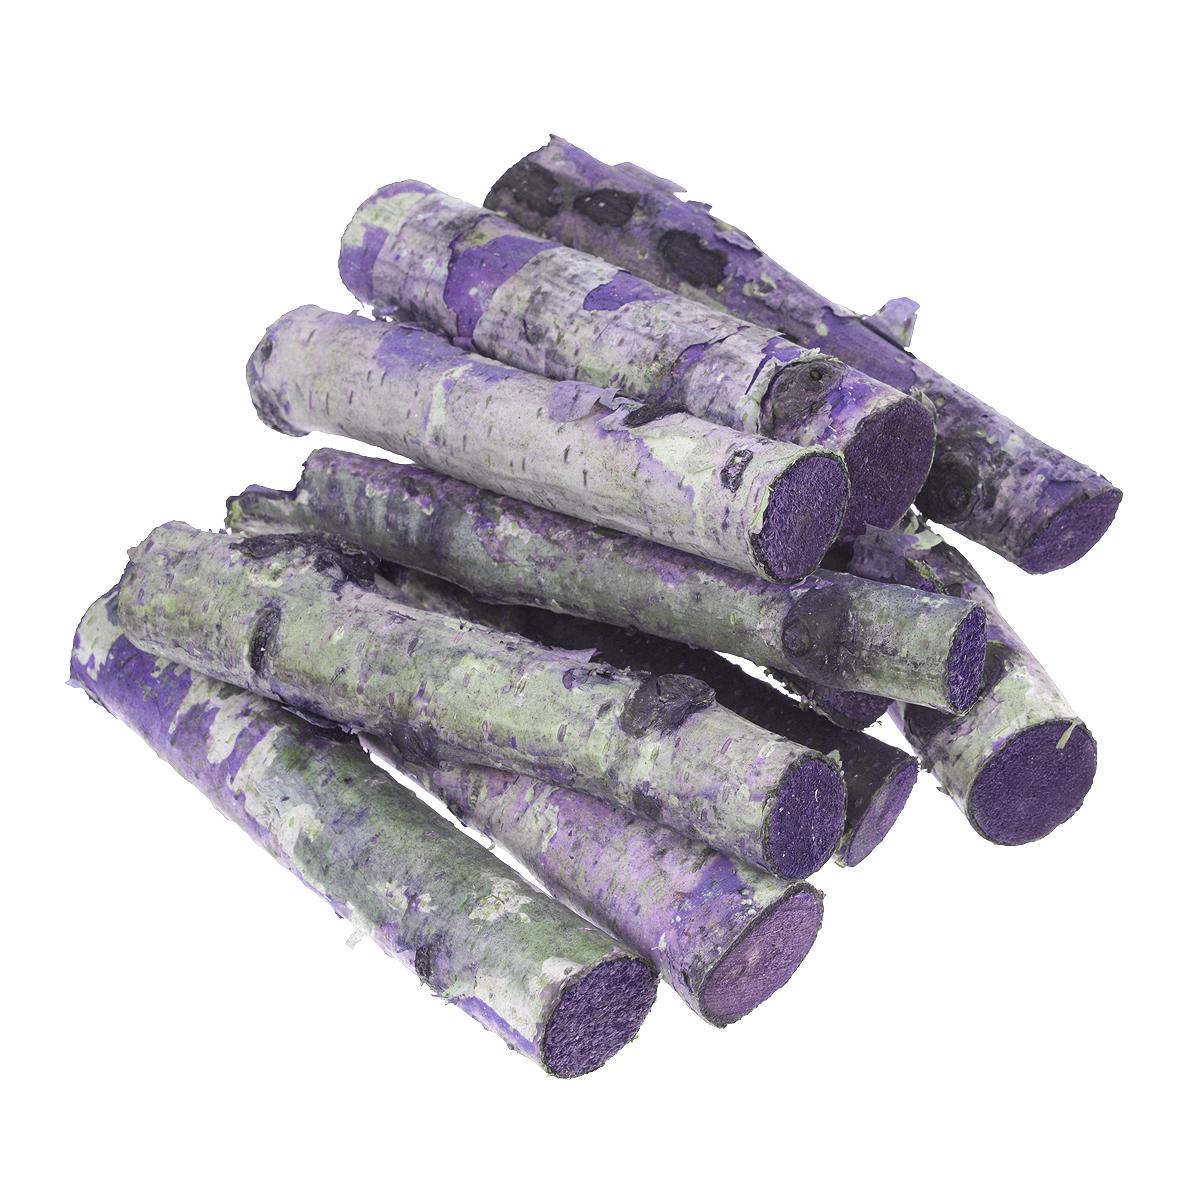 Декоративные элементы Dongjiang Art, цвет: фиолетовый, длина 10 см, 250 г7709036_фиолетовыйДекоративные элементы Dongjiang Art представляют собой ветки деревьев и предназначены для украшения цветочных композиций. Такие элементы могут пригодиться во флористике и многом другом. Флористика - вид декоративно-прикладного искусства, который использует живые, засушенные или консервированные природные материалы для создания флористических работ. Это целый мир, в котором есть место и строгому математическому расчету, и вдохновению, полету фантазии. Длина ветки: 10 см. Диаметр ветки: 1,5 см; 2,2 см.